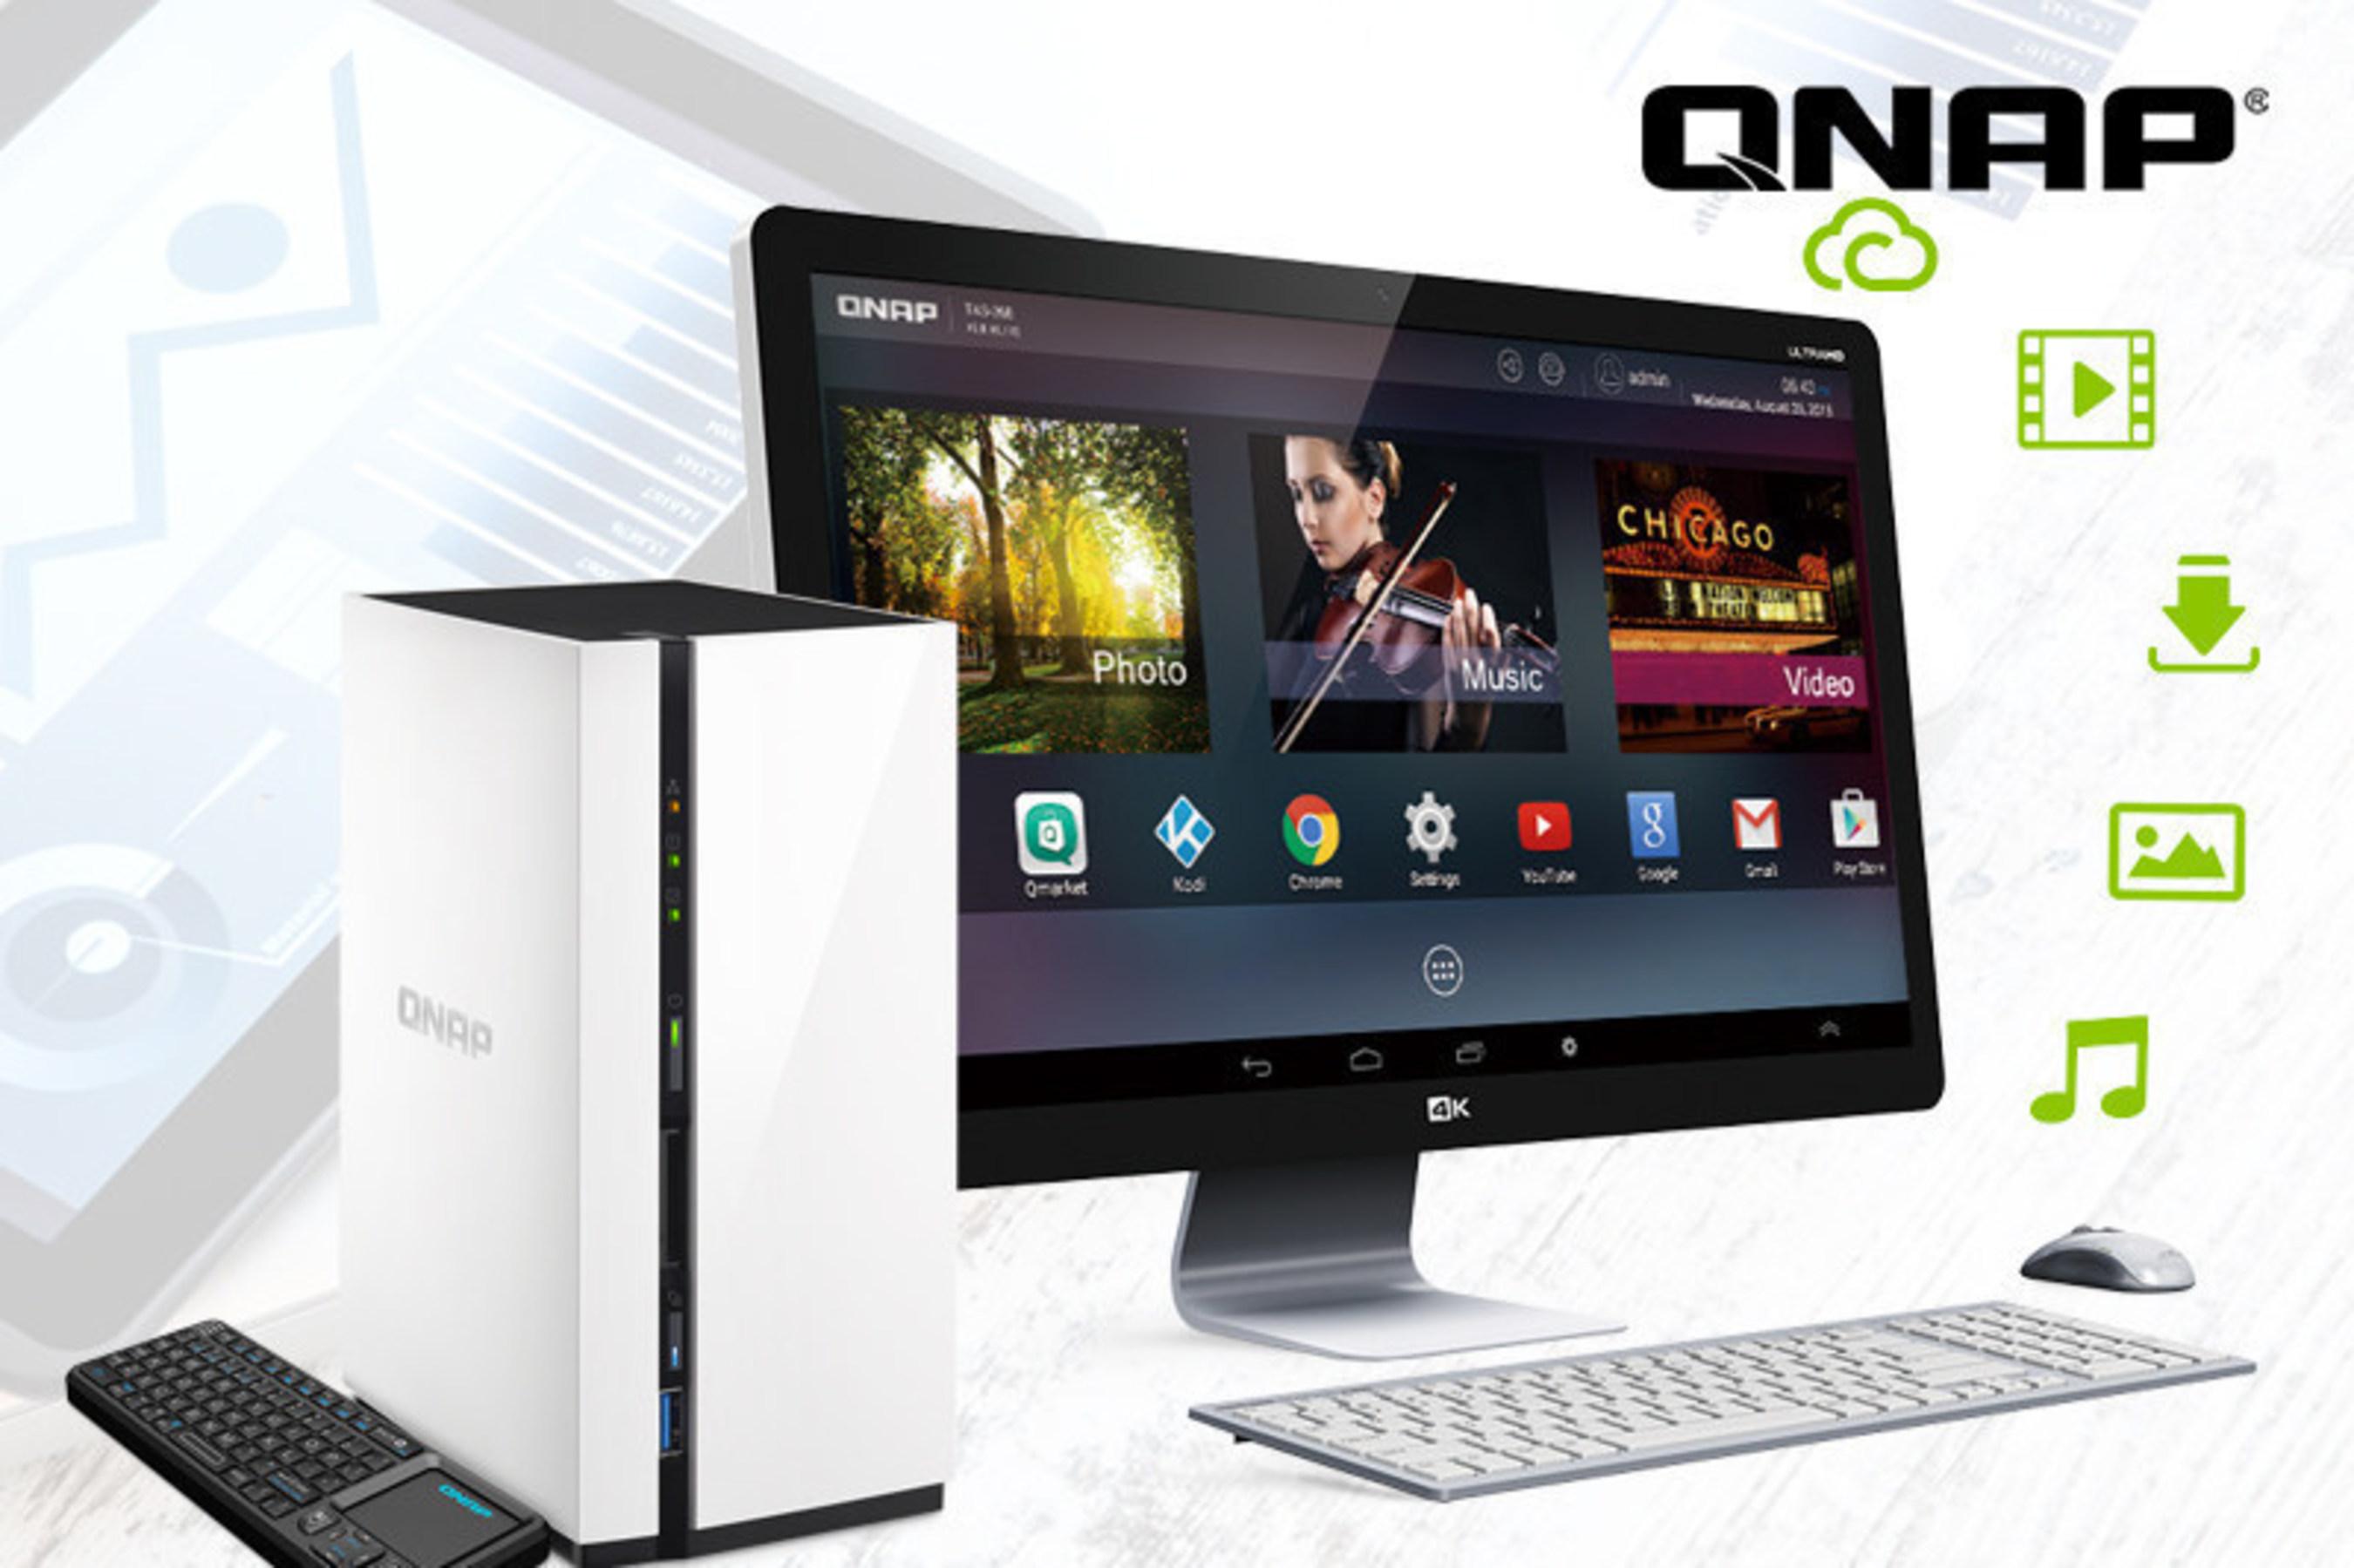 The QNAP TAS-x68 series